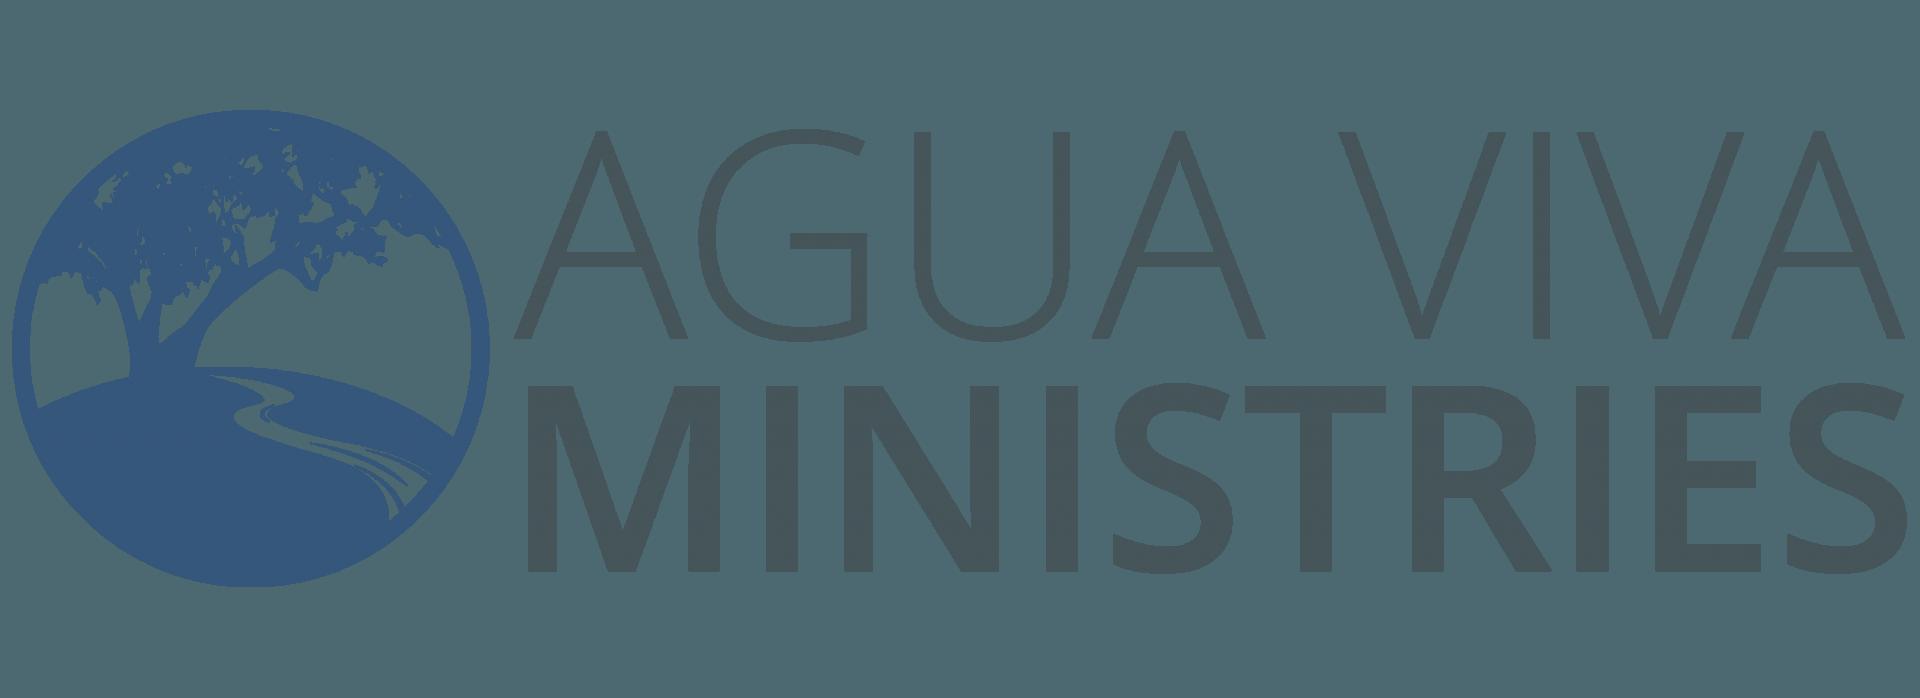 Agua Viva Ministries